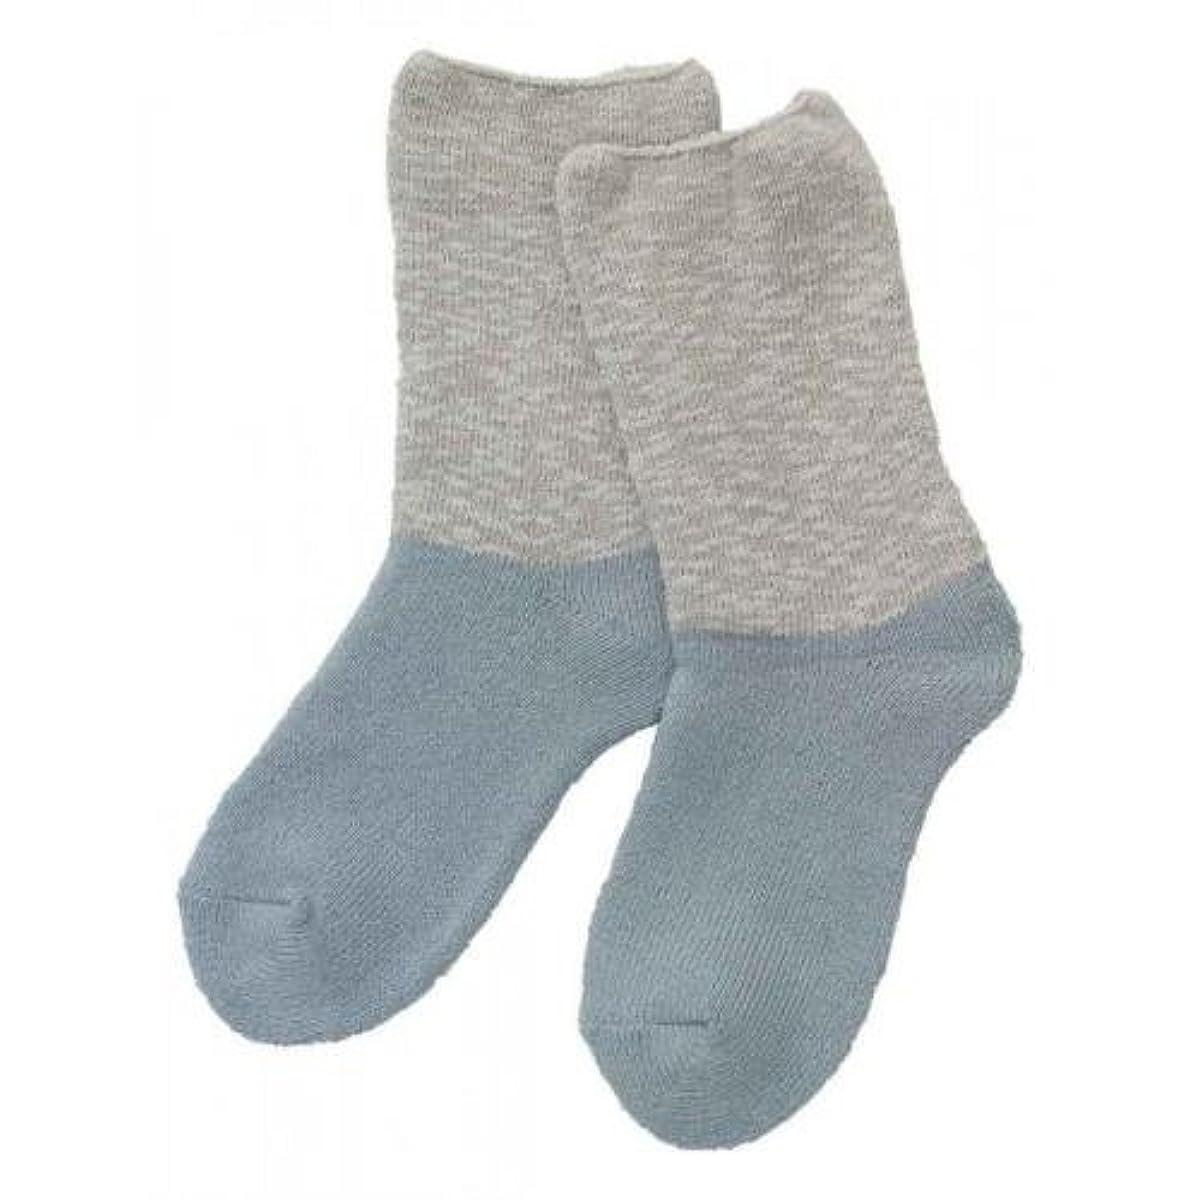 ヘリコプター職業先生Carelance(ケアランス)お風呂上りのやさしい靴下 綿麻パイルで足先さわやか 8706CA-70 ブルー